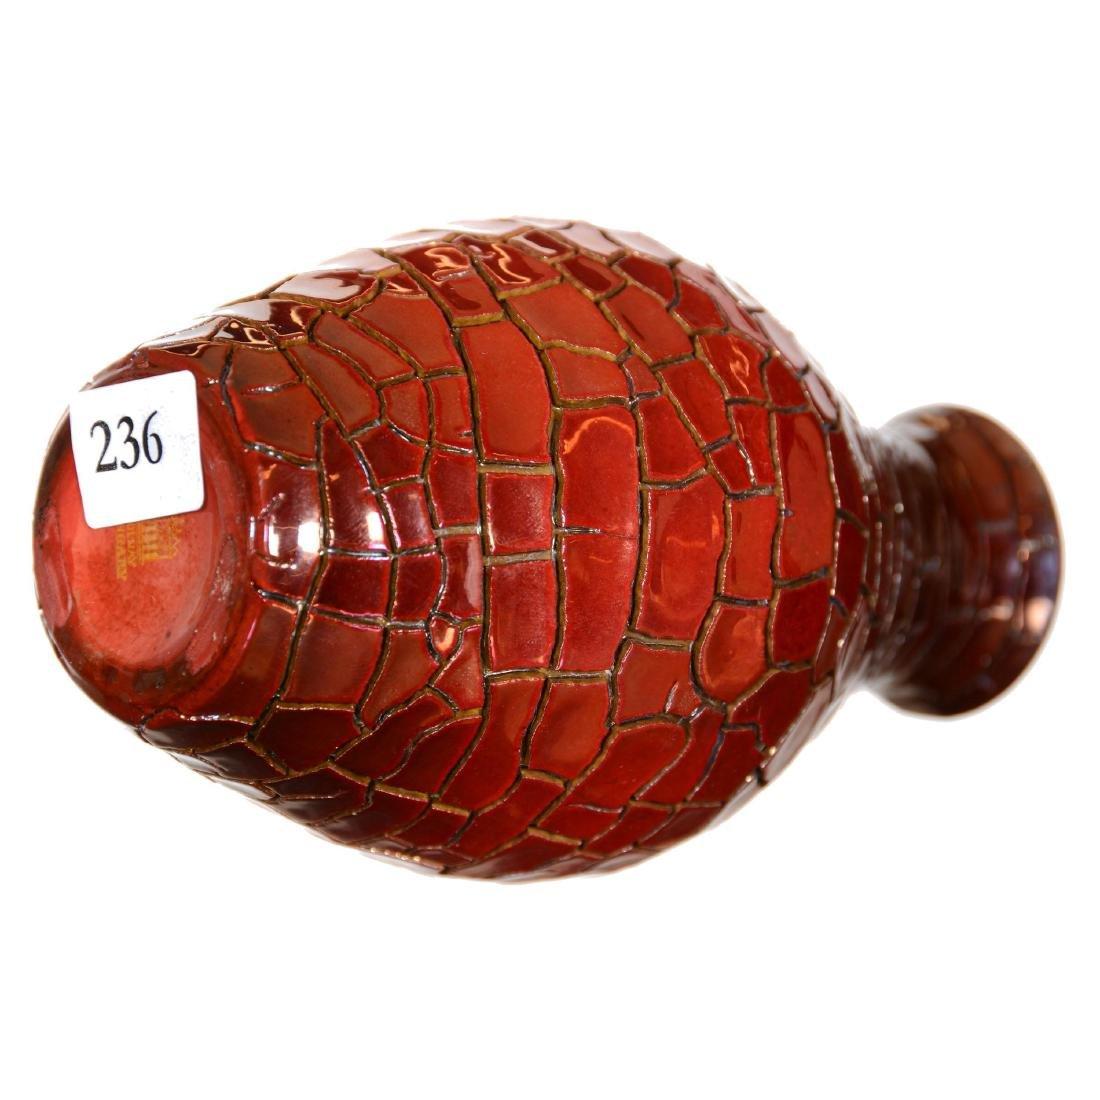 Zsolnay Art Pottery Vase - 2